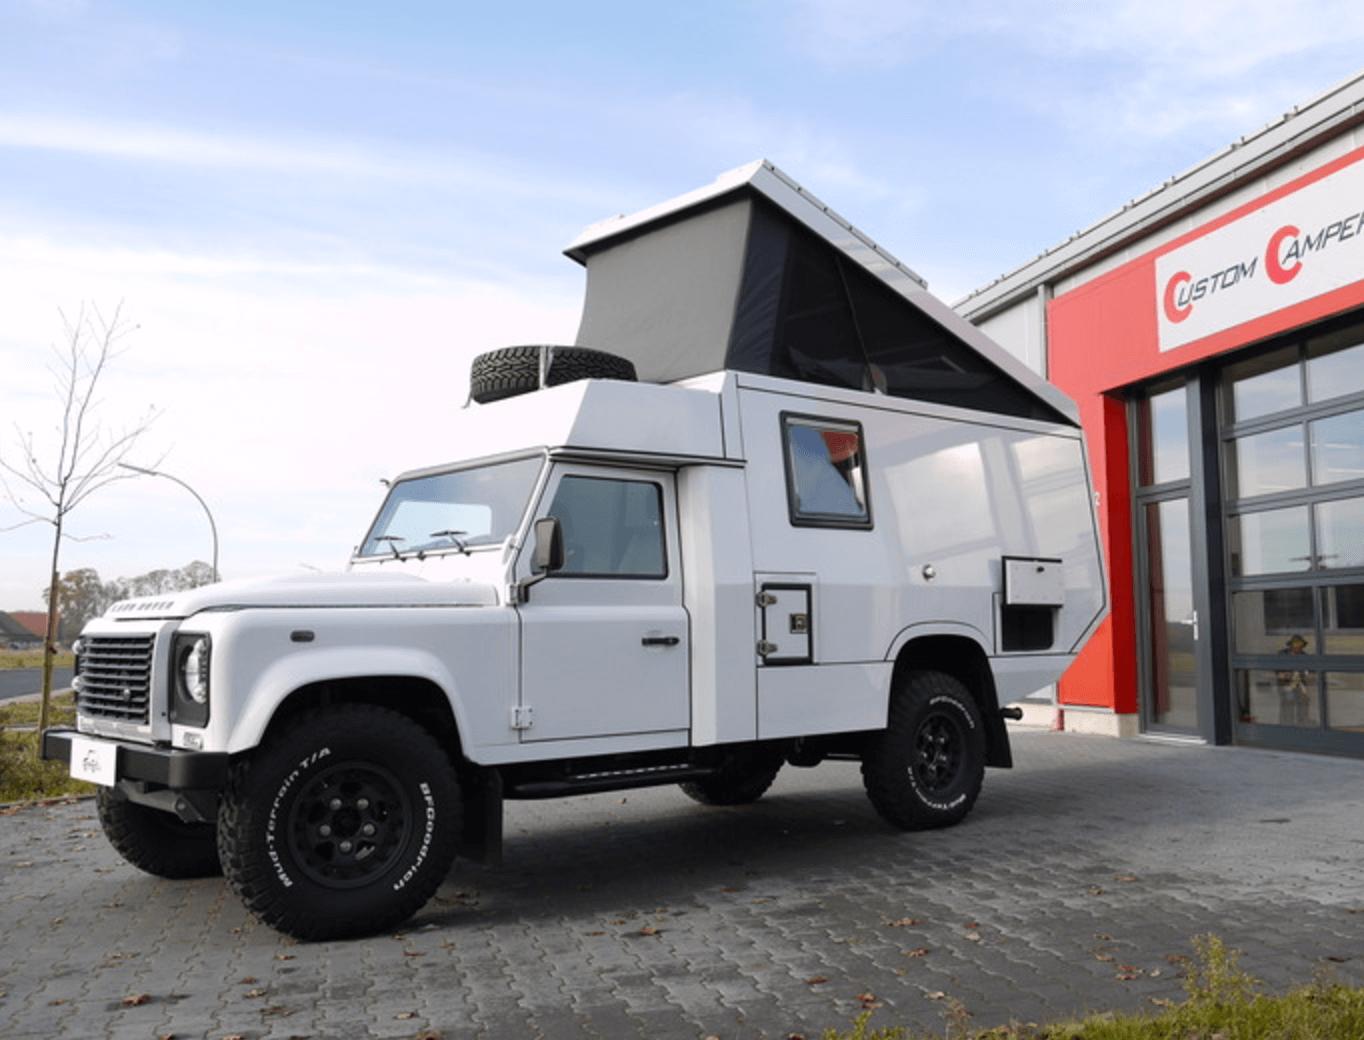 Land Rover Defender 130 Camper 2015 13500 miles – UK – £79,000